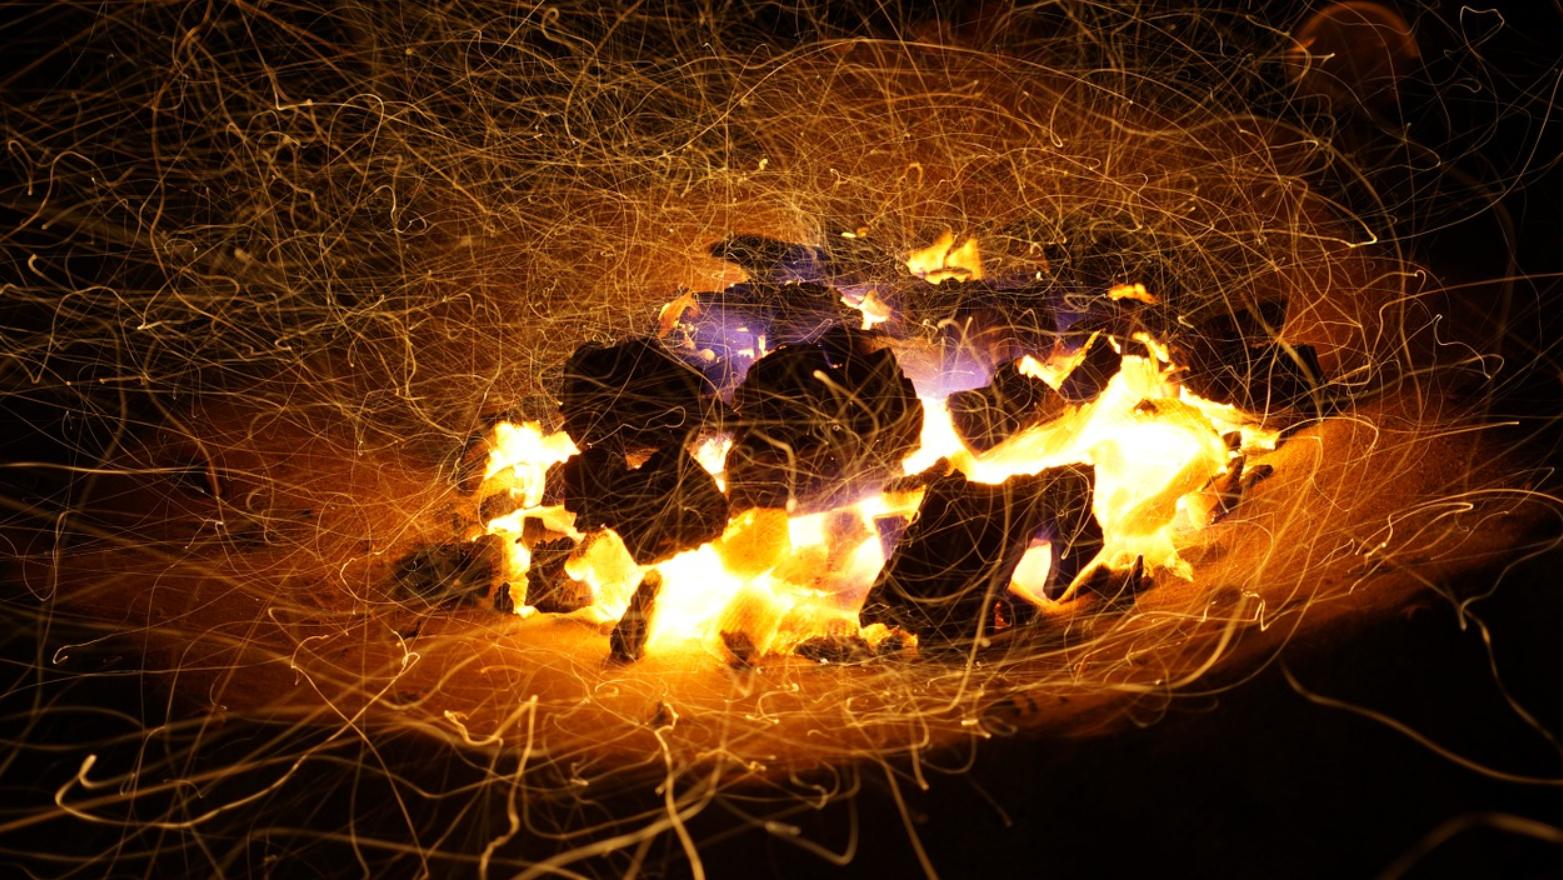 tańczące iksry wokół węgla